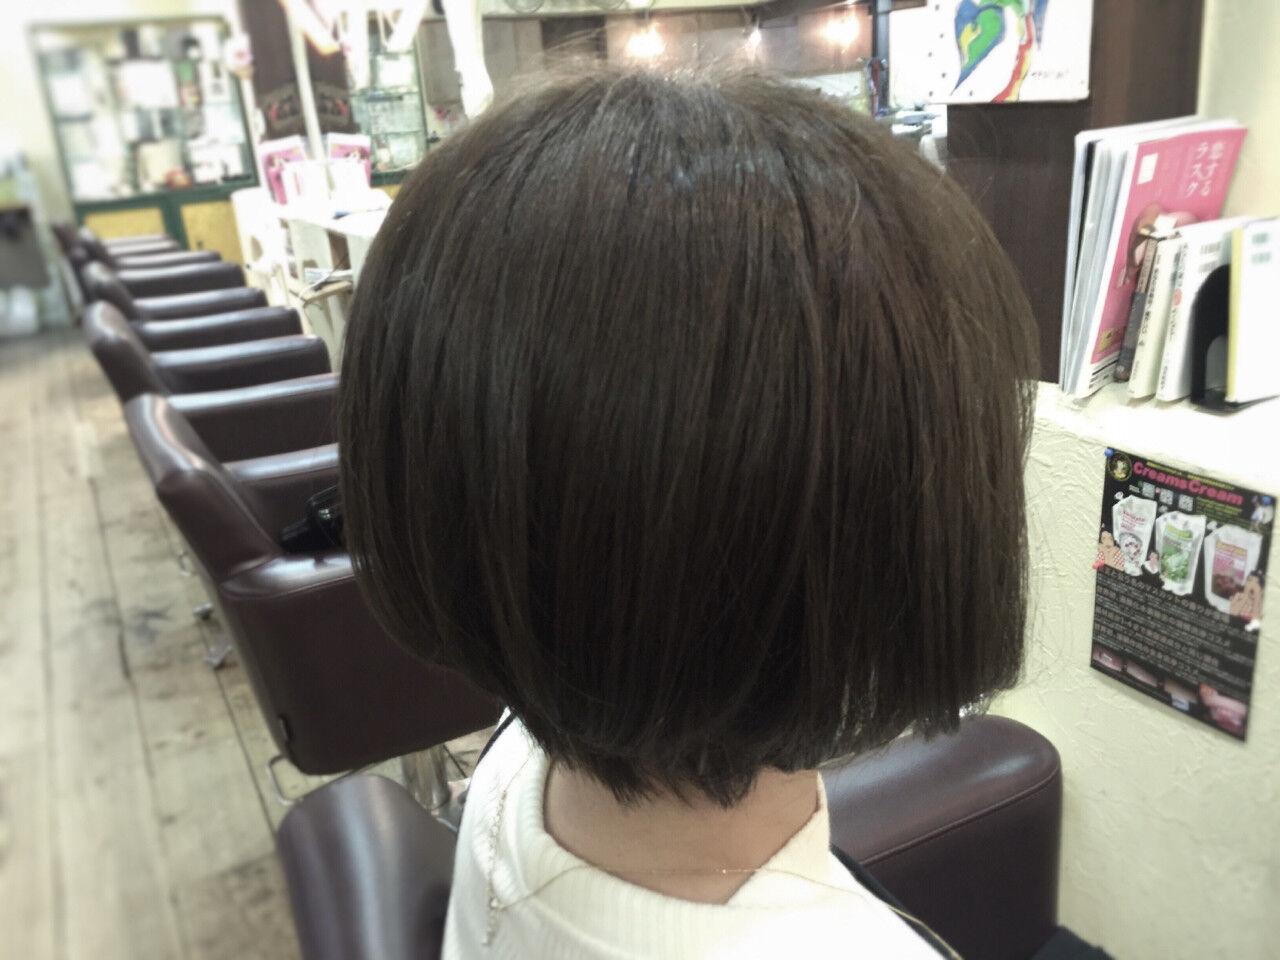 グレージュ アッシュ ナチュラル 冬ヘアスタイルや髪型の写真・画像